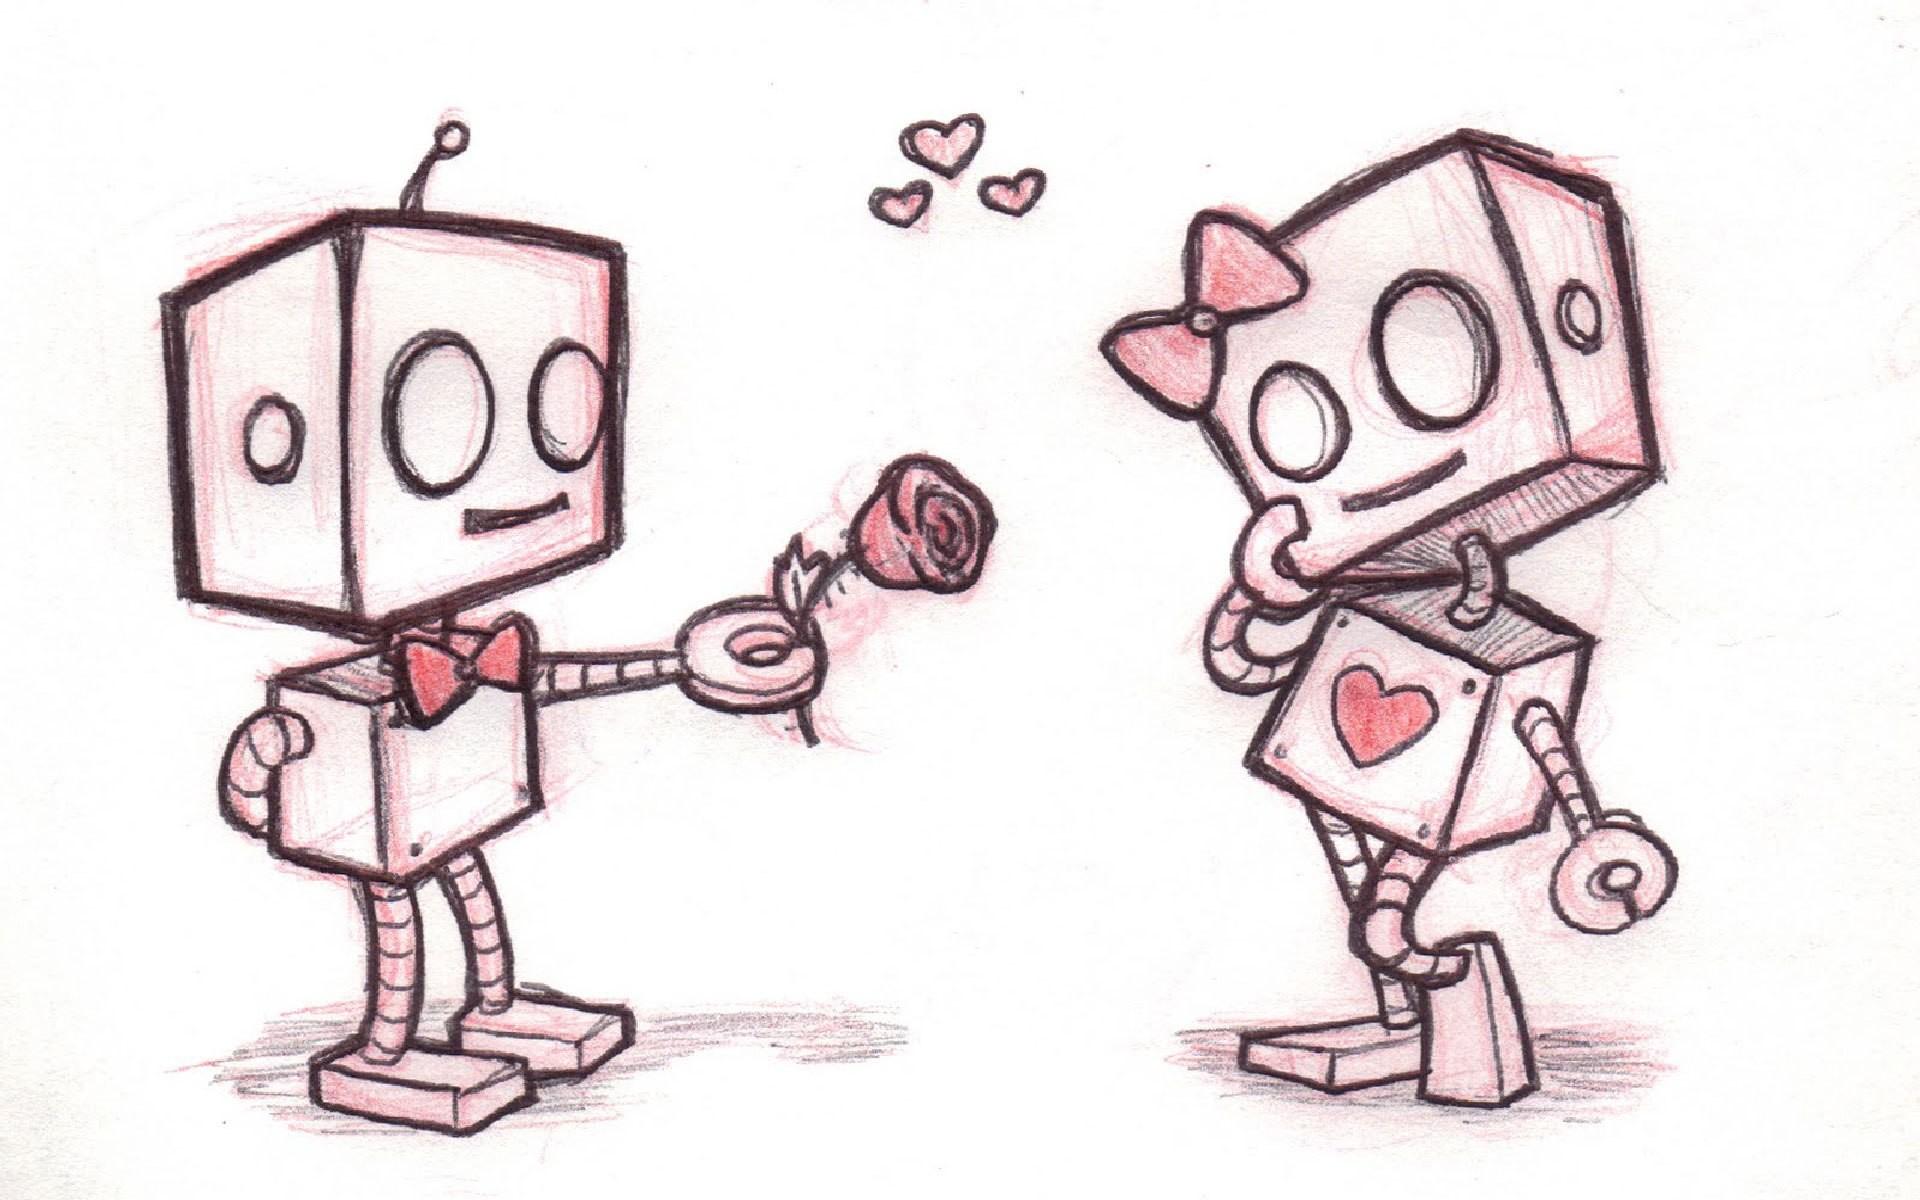 Cute Love Drawings Pencil Art - Love Drawings - HD Wallpaper